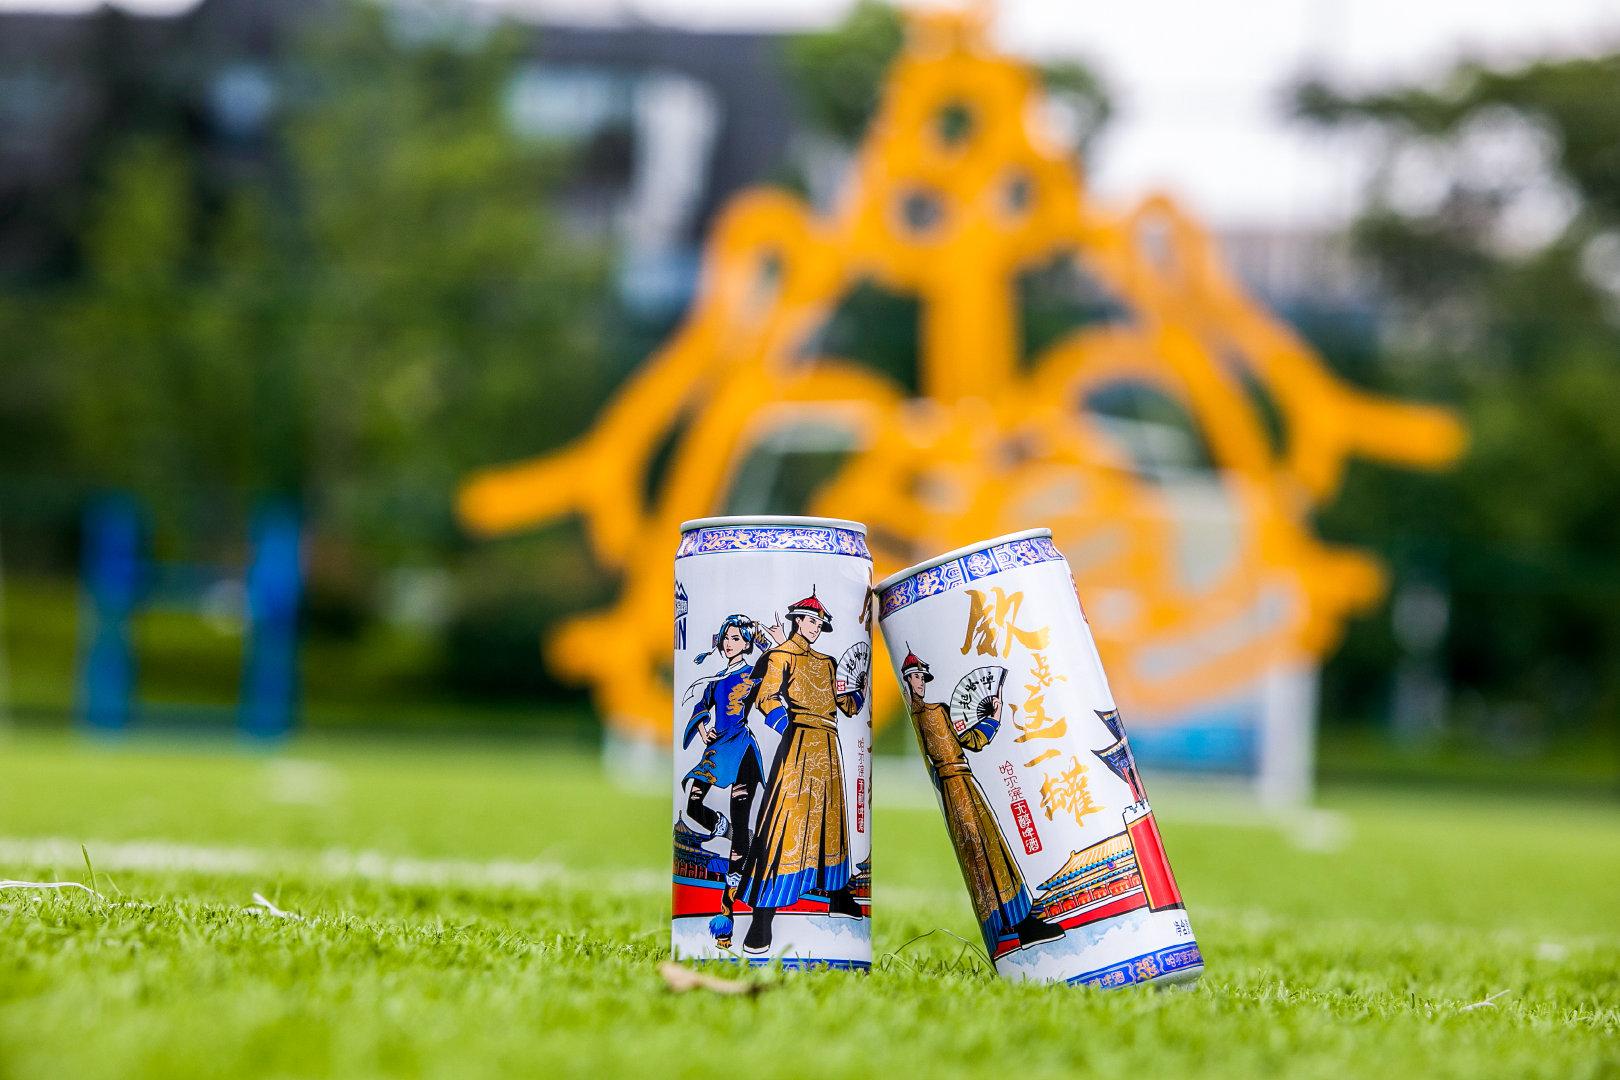 又在搞事啦~哈啤重磅推出首款无醇啤酒,强势引领明智饮酒新潮流